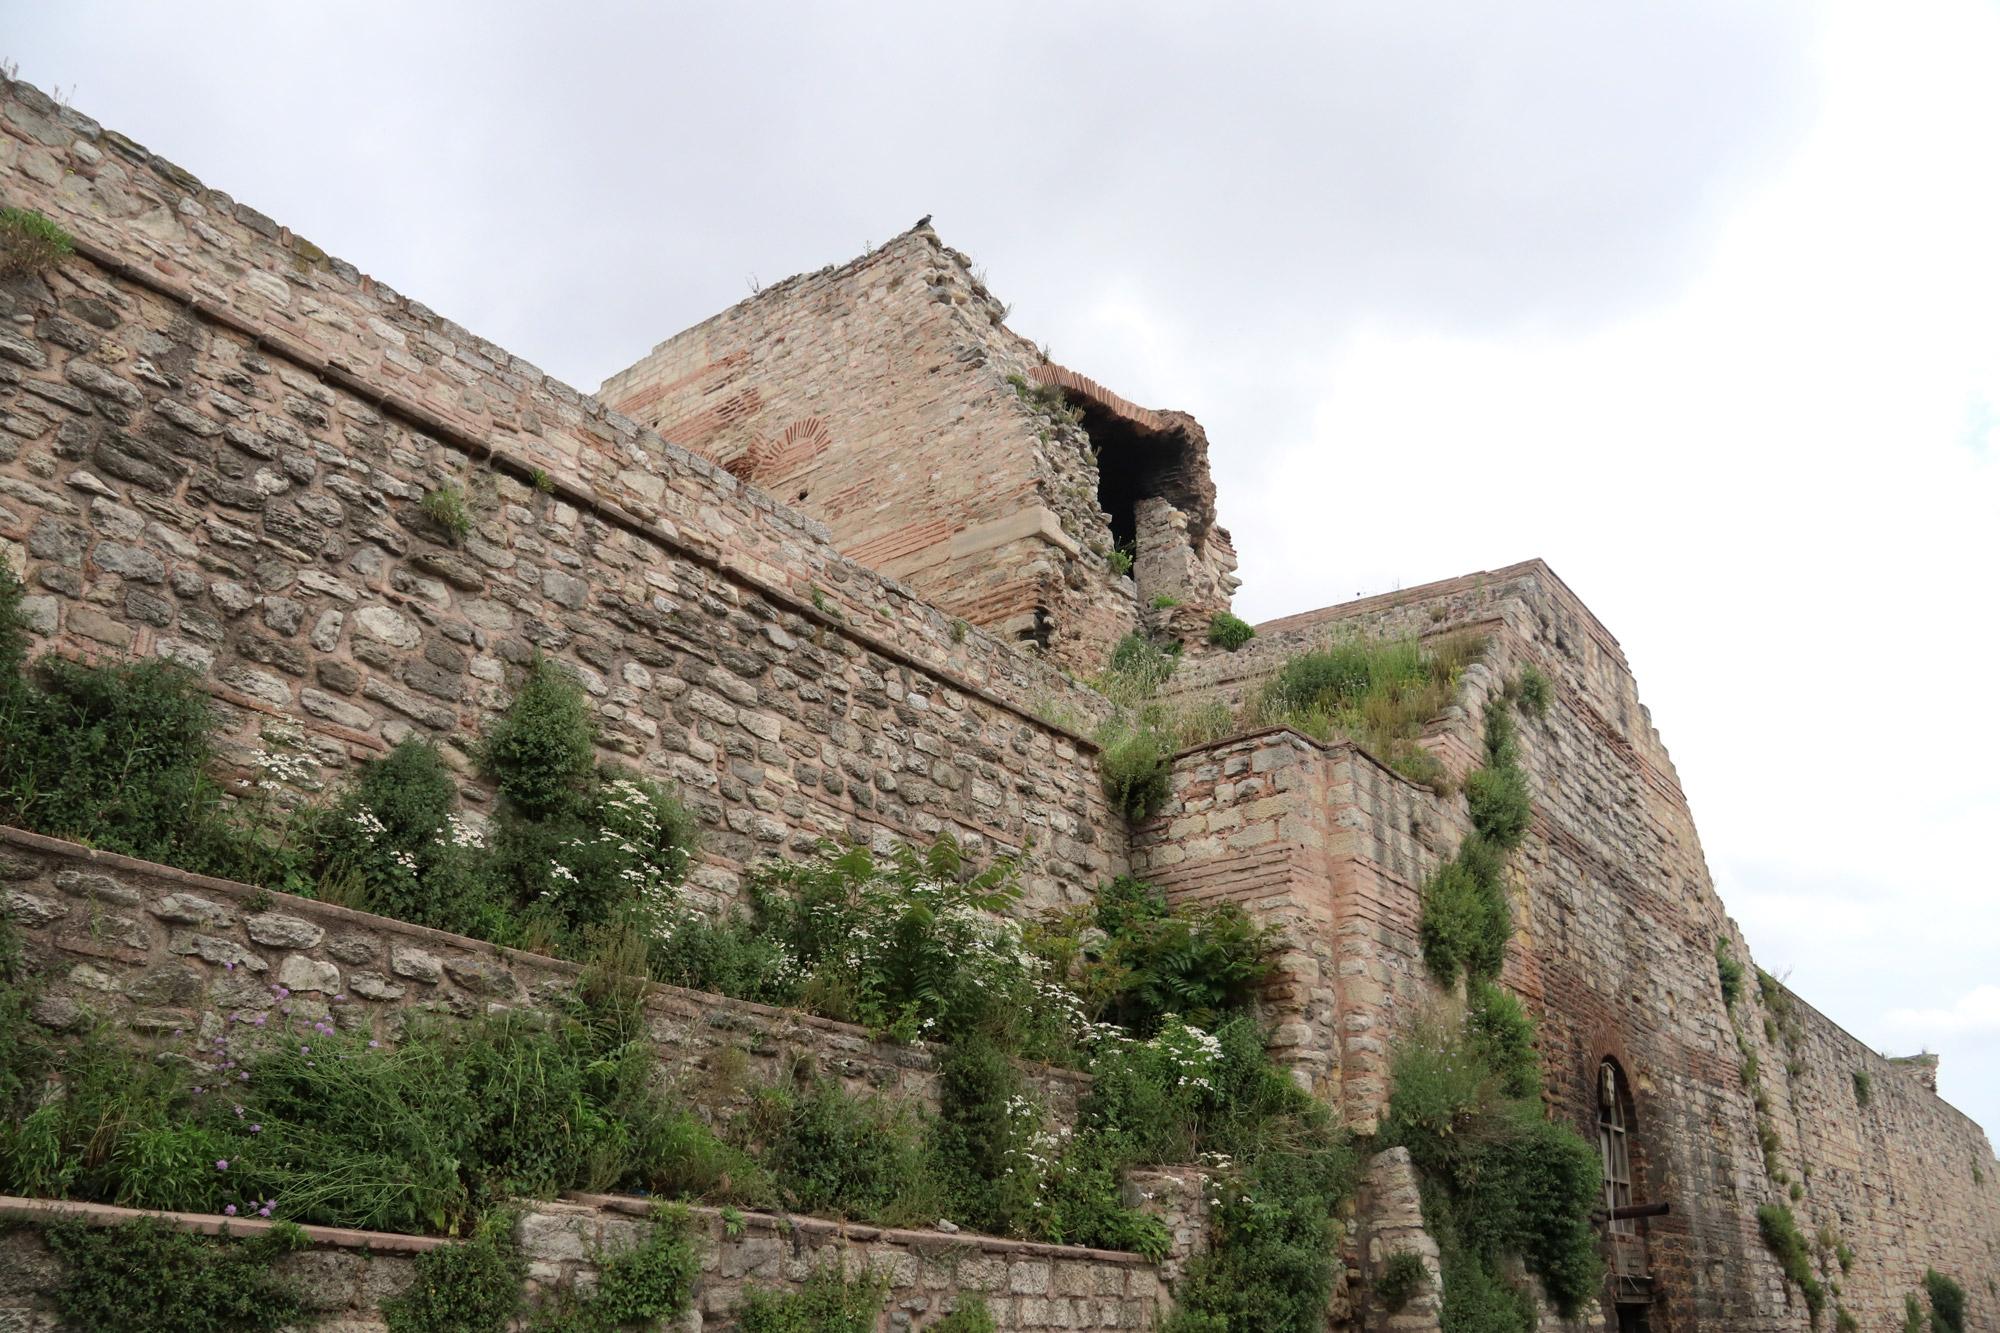 Stedentrip Istanbul - Oude stadsmuren